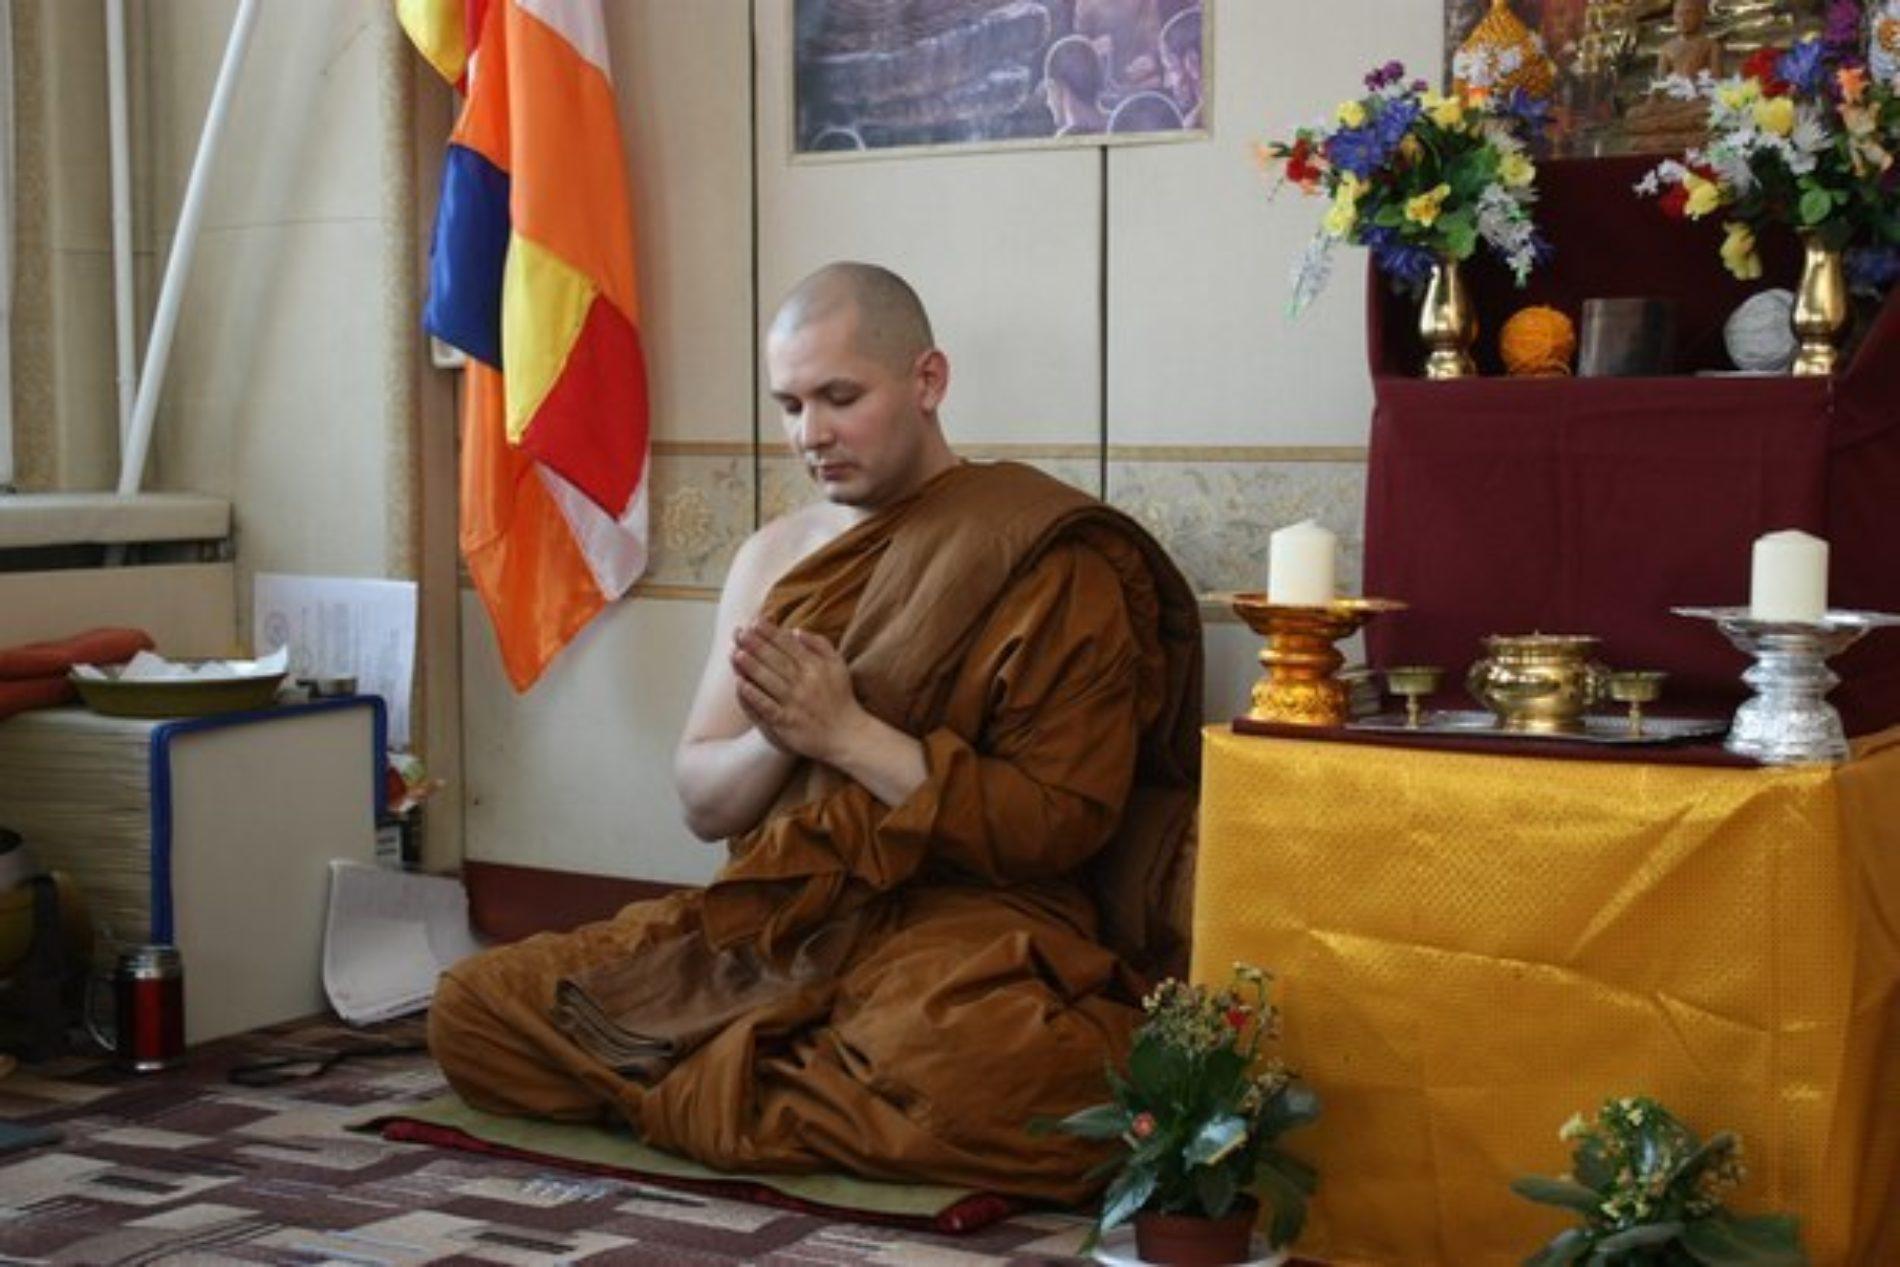 Закон каммы (кармы) в буддизме:  ложное понимание и правильная интерпретация